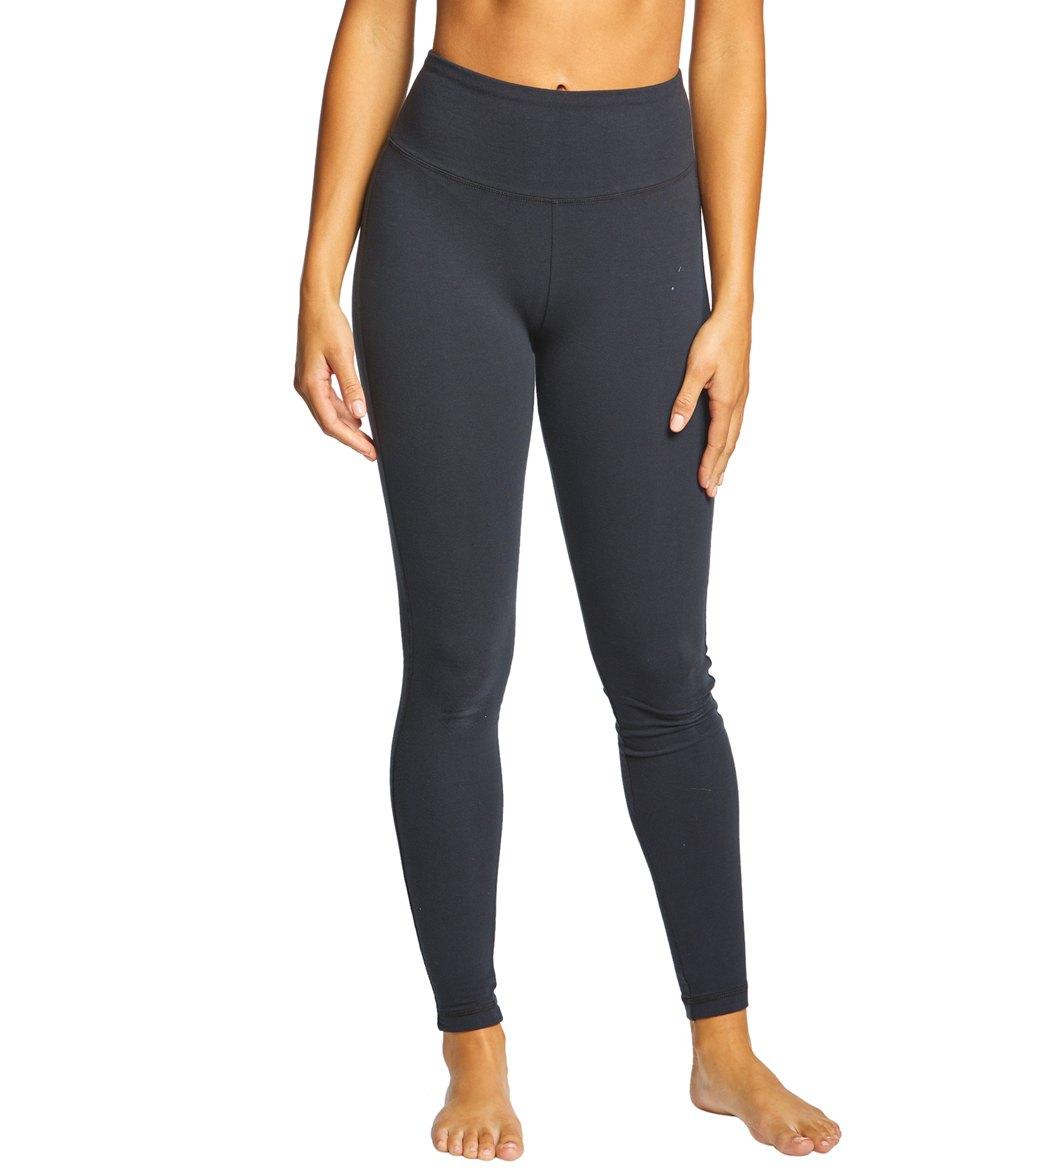 de4f6ef979078 Marika Tummy Control Yoga Long Leggings at YogaOutlet.com - Free ...